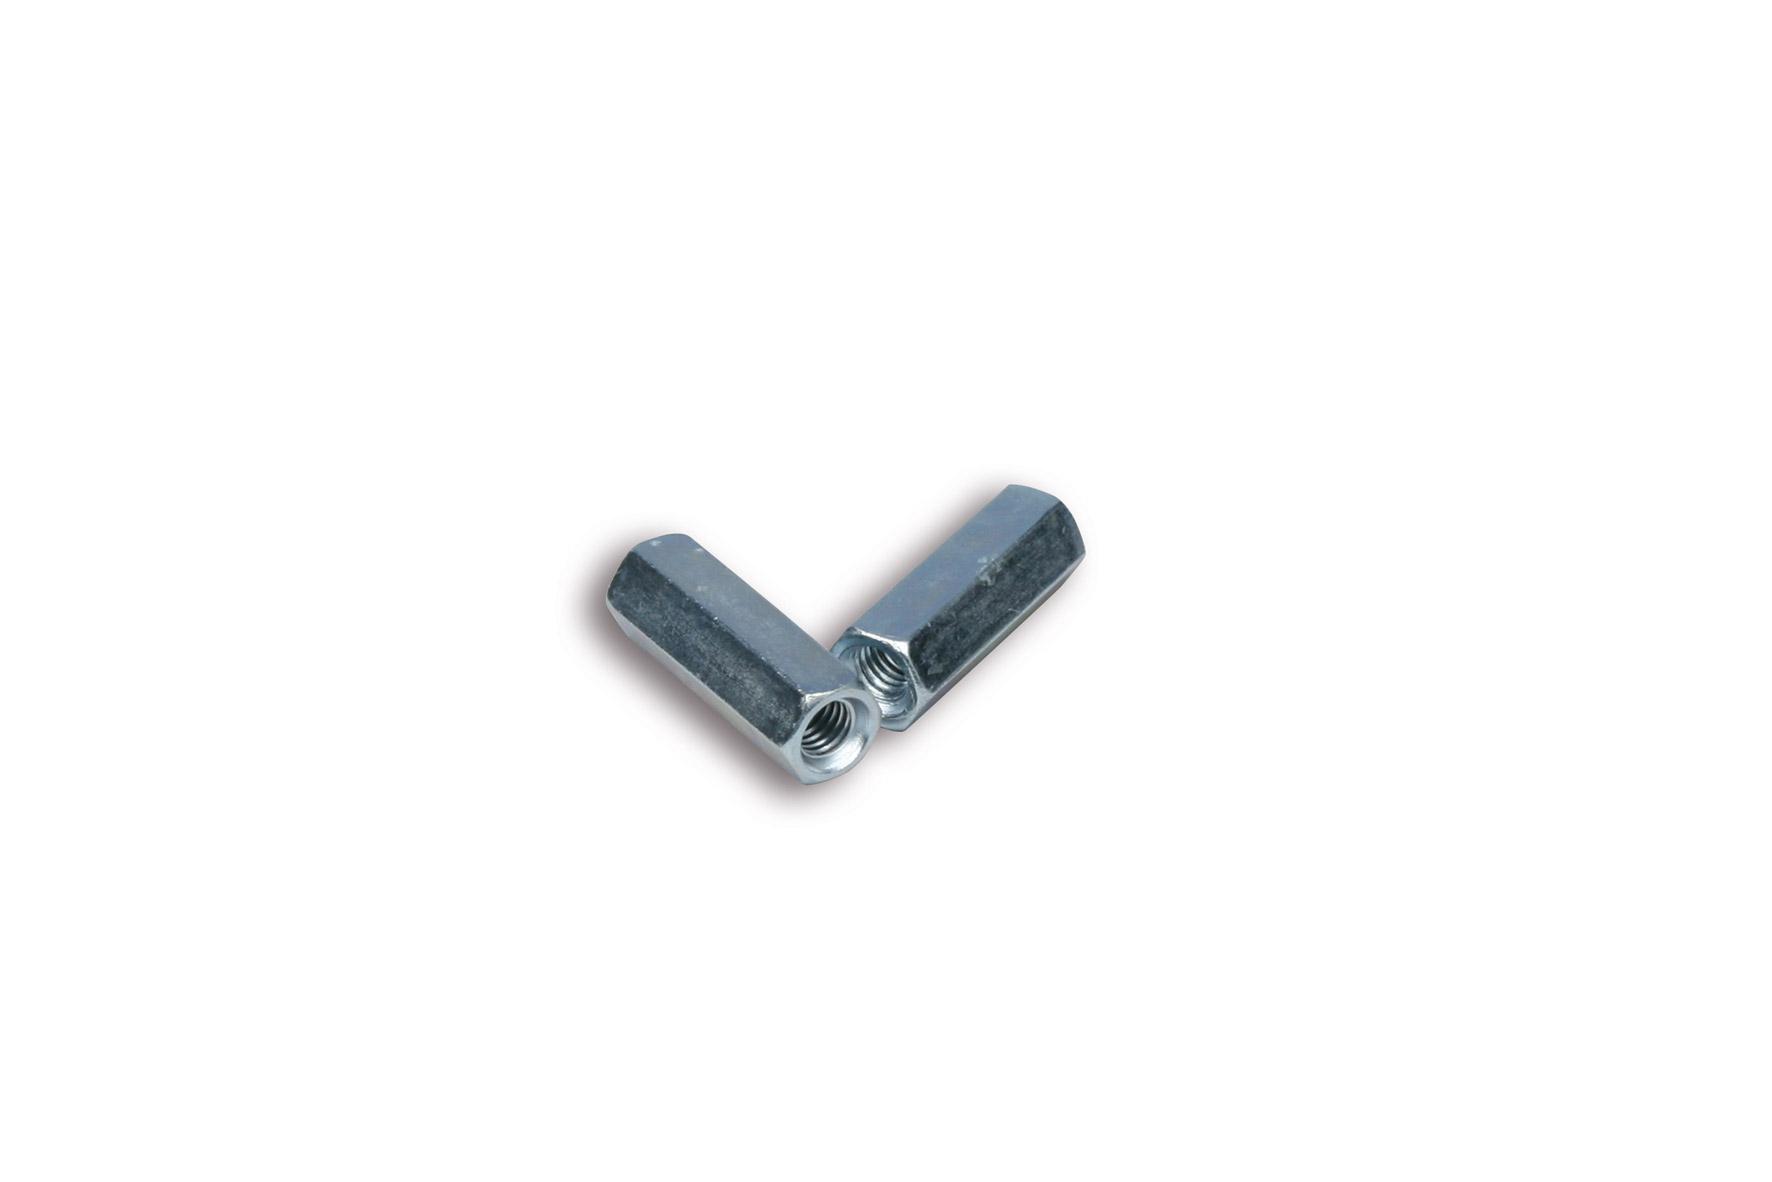 2 dadi M 06x30 chiave 10